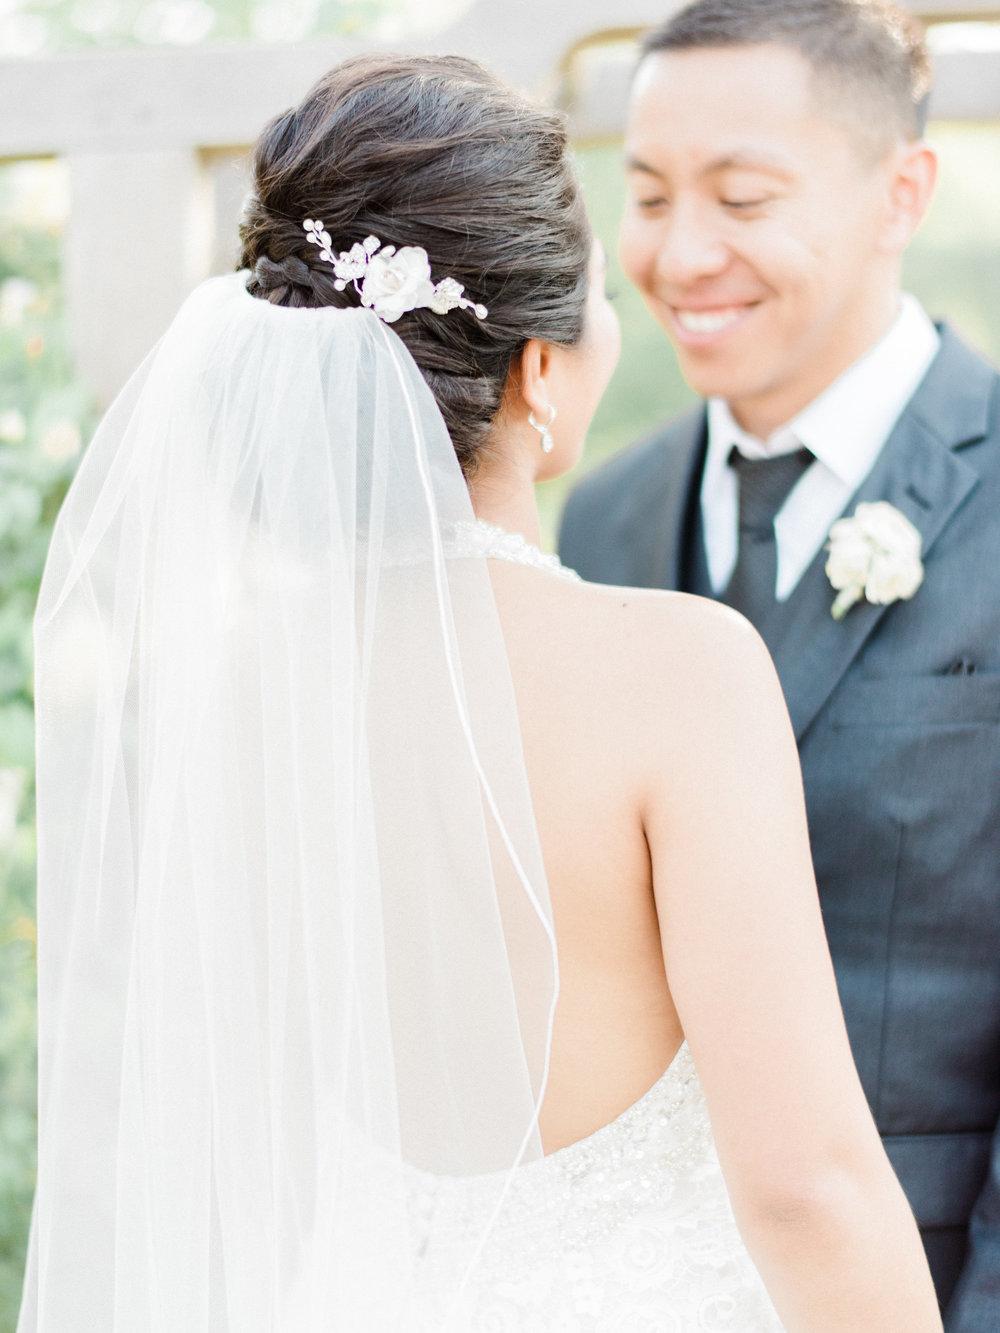 lilibethandjoey-wedding-659.jpg